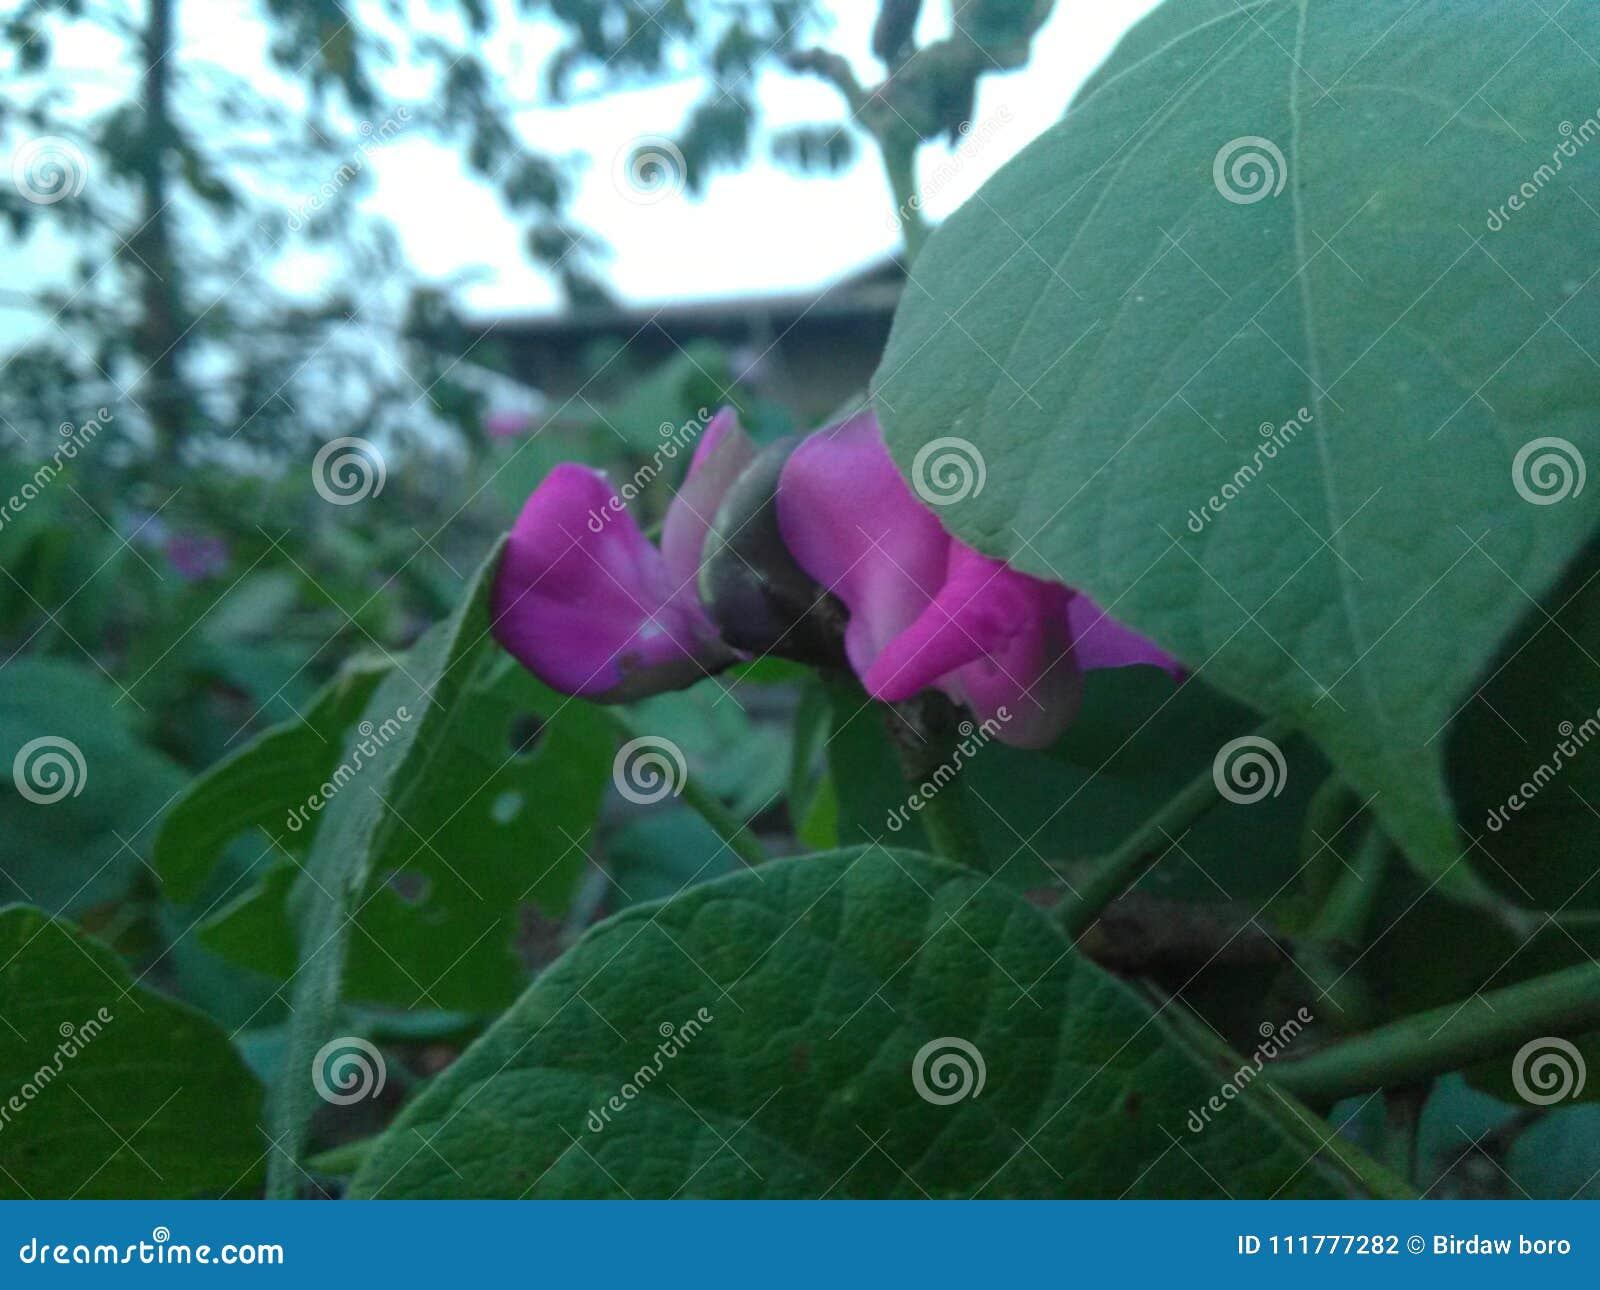 Flower hiding between leaves